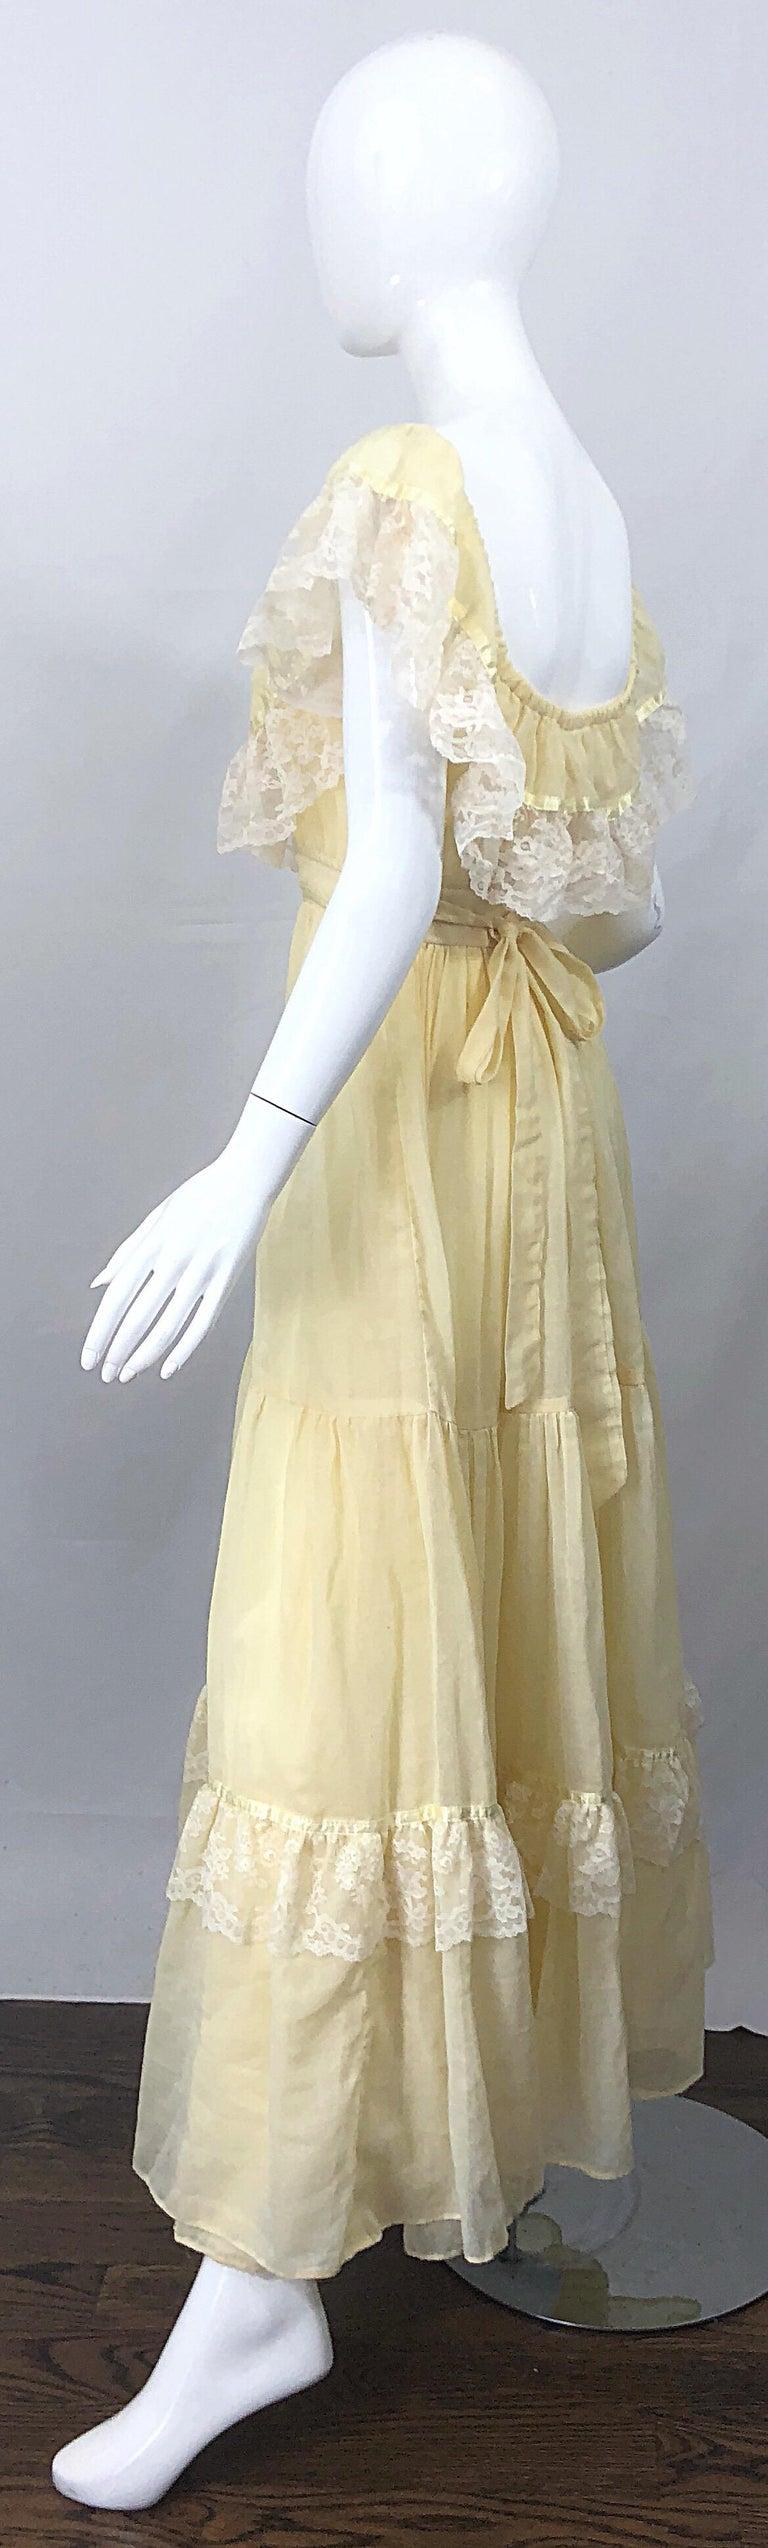 1970s Pale Light Yellow Cotton Voile + Lace Vintage Boho 70s Maxi Dress For Sale 8